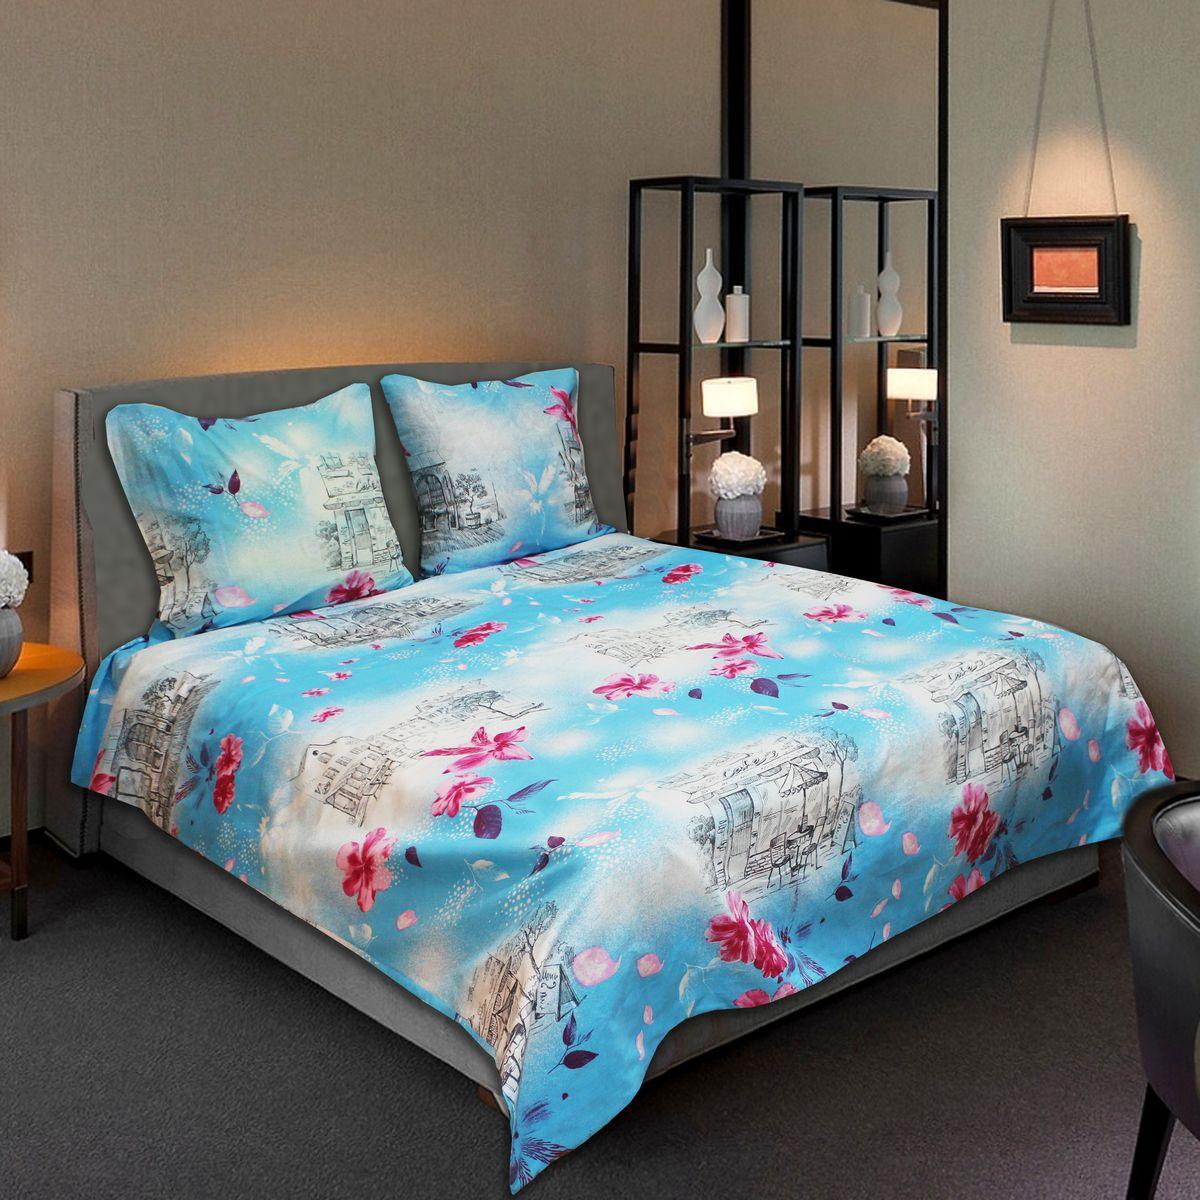 Комплект белья Amore Mio Light, 2-спальный, наволочки 70х7077713Комплект постельного белья Amore Mio является экологически безопасным для всей семьи, так как выполнен из бязи (100% хлопок). Комплект состоит из пододеяльника, простыни и двух наволочек. Постельное белье оформлено оригинальным рисунком и имеет изысканный внешний вид. Легкая, плотная, мягкая ткань отлично стирается, гладится, быстро сохнет. Рекомендации по уходу: Химчистка и отбеливание запрещены. Рекомендуется стирка в прохладной воде при температуре не выше 30°С.